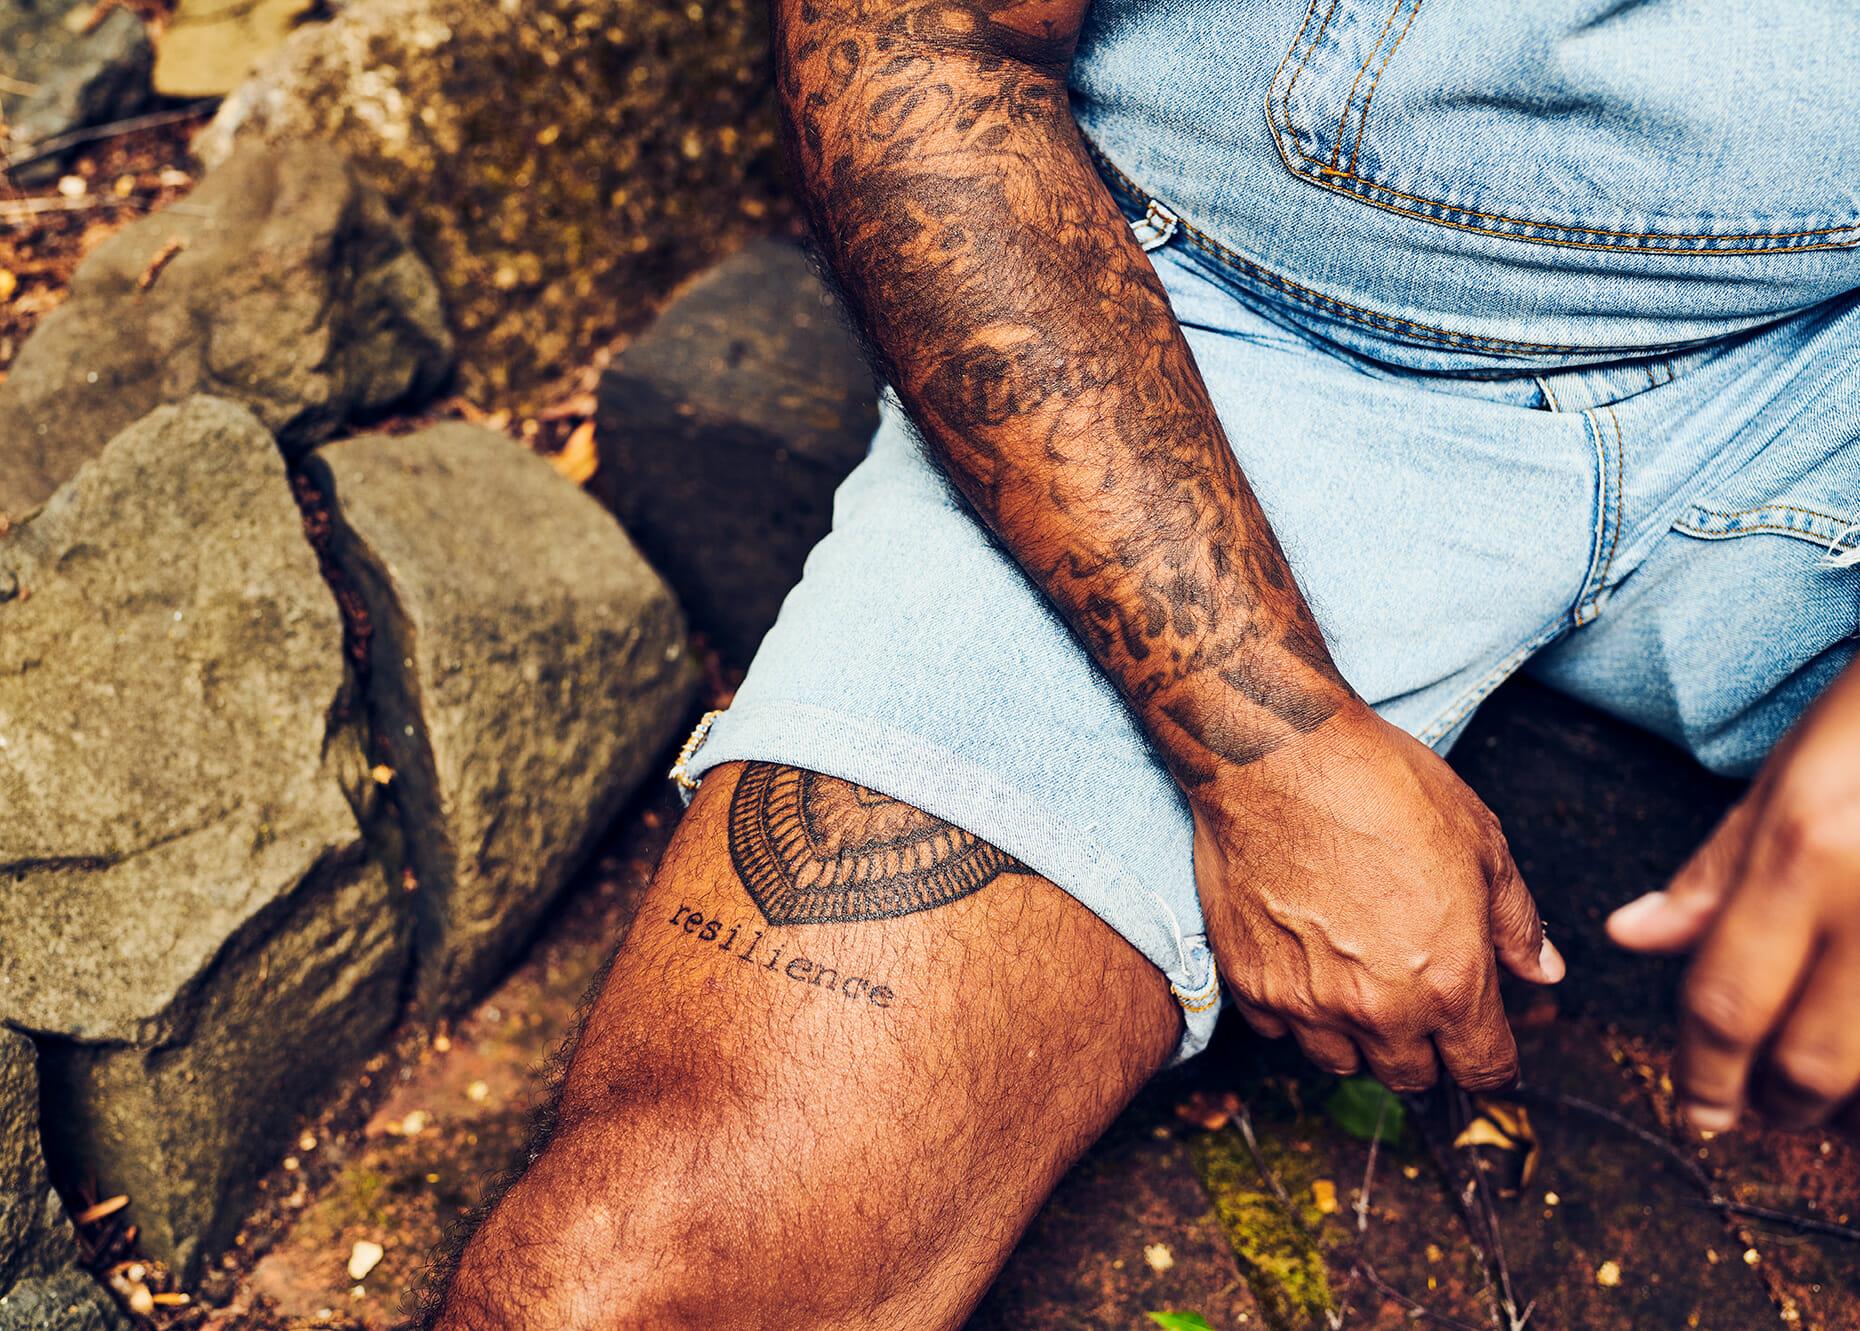 Steven Medeiro's Resilience tattoo